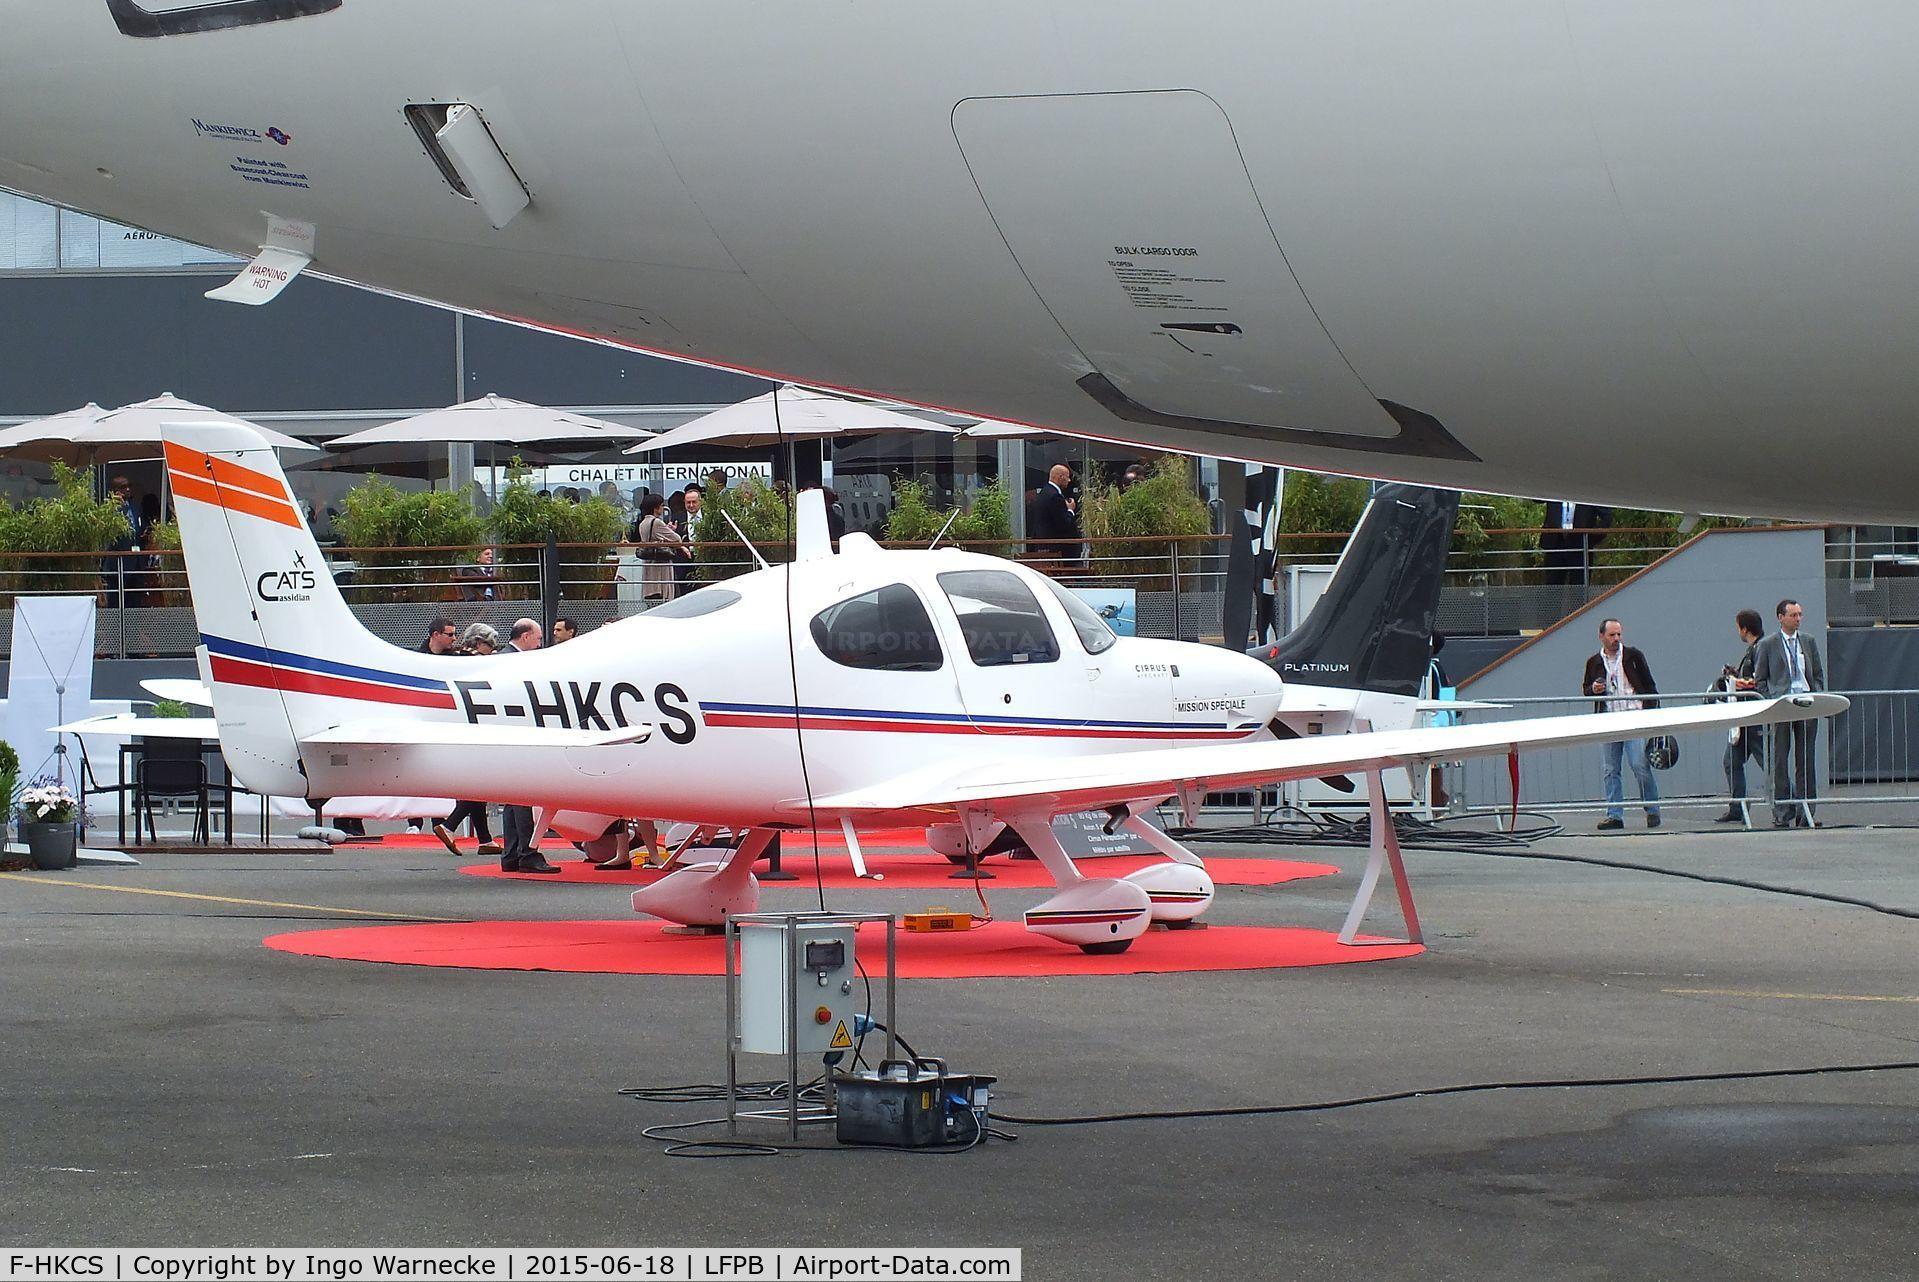 Aircraft F-HKCS (Cirrus SR22 C/N 3884) Photo by Ingo Warnecke (Photo ID:  AC1316743)